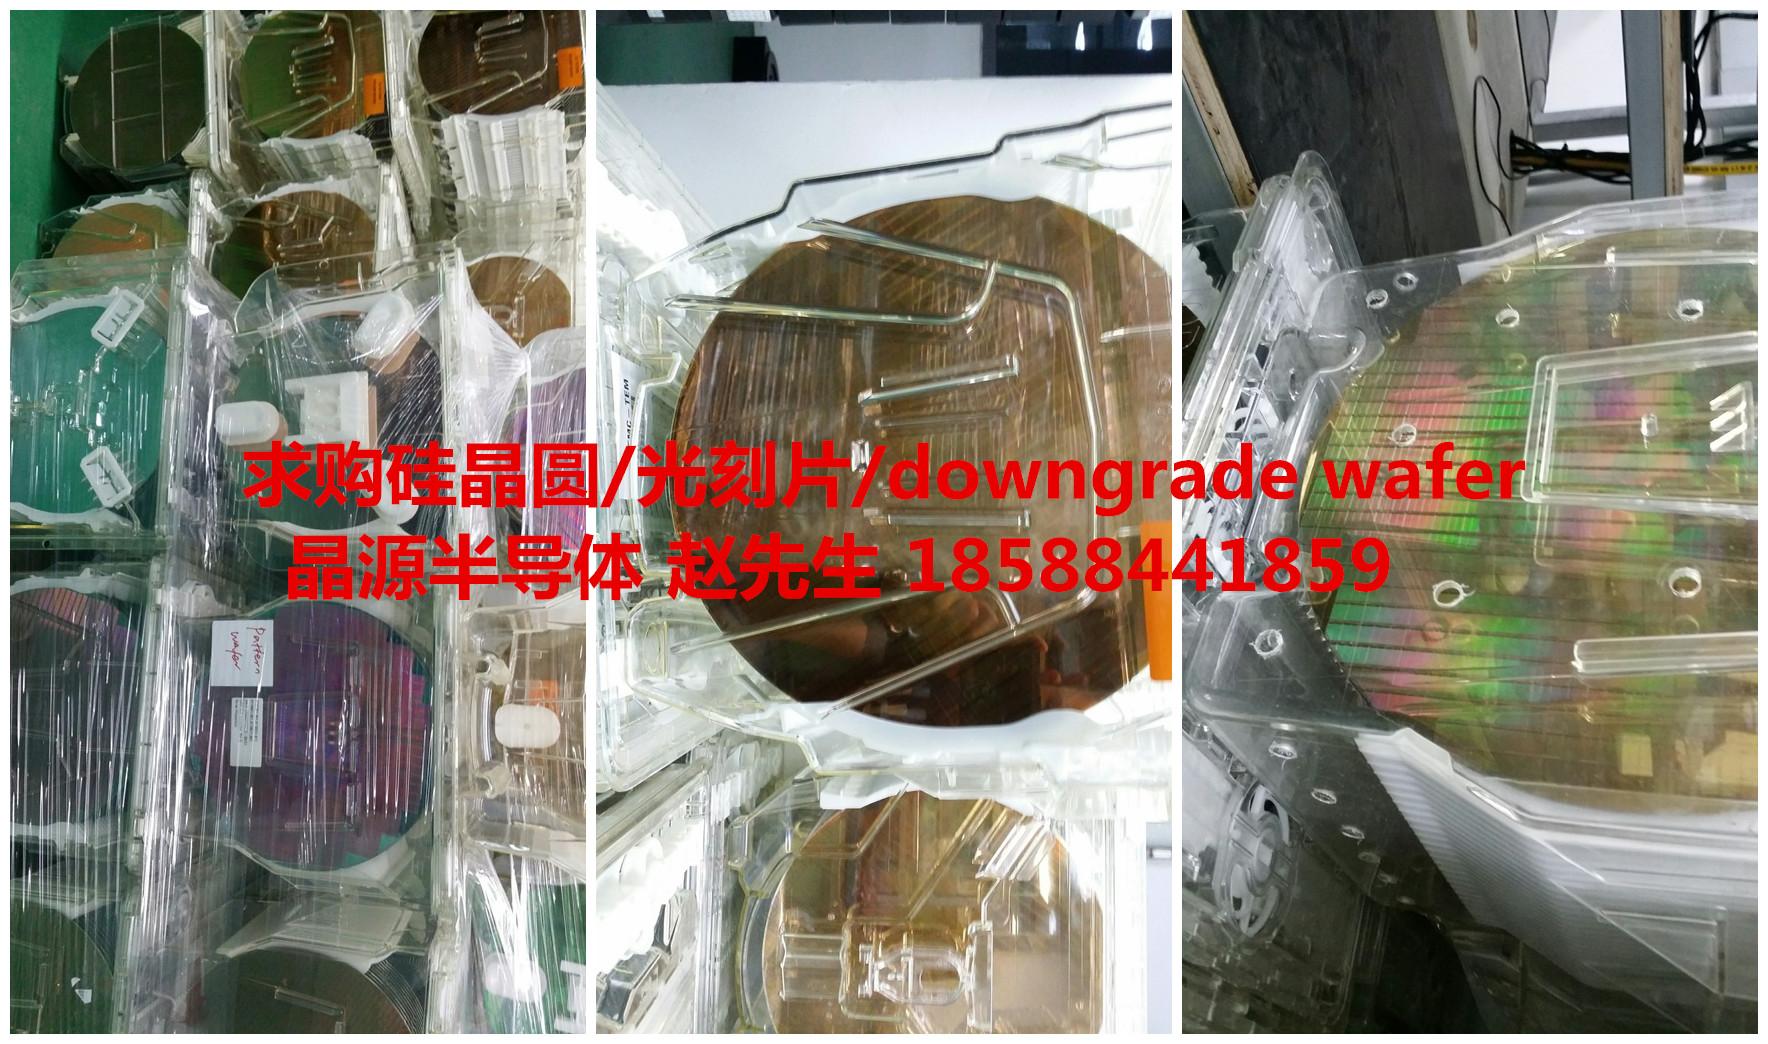 求购硅晶圆|硅晶圆回收|硅晶圆回收公司|回收光刻片